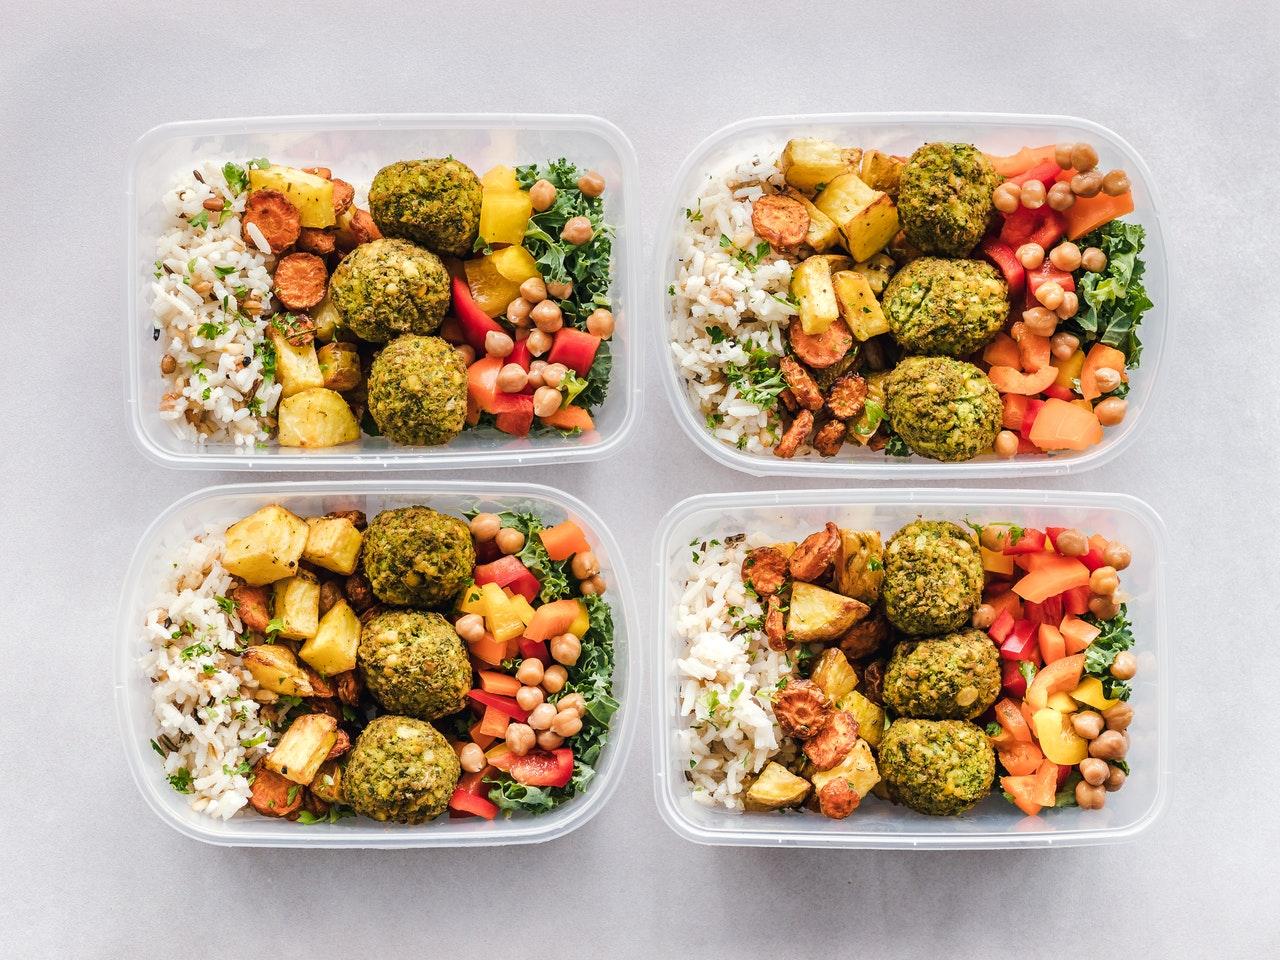 comidas saudáveis na quarentena